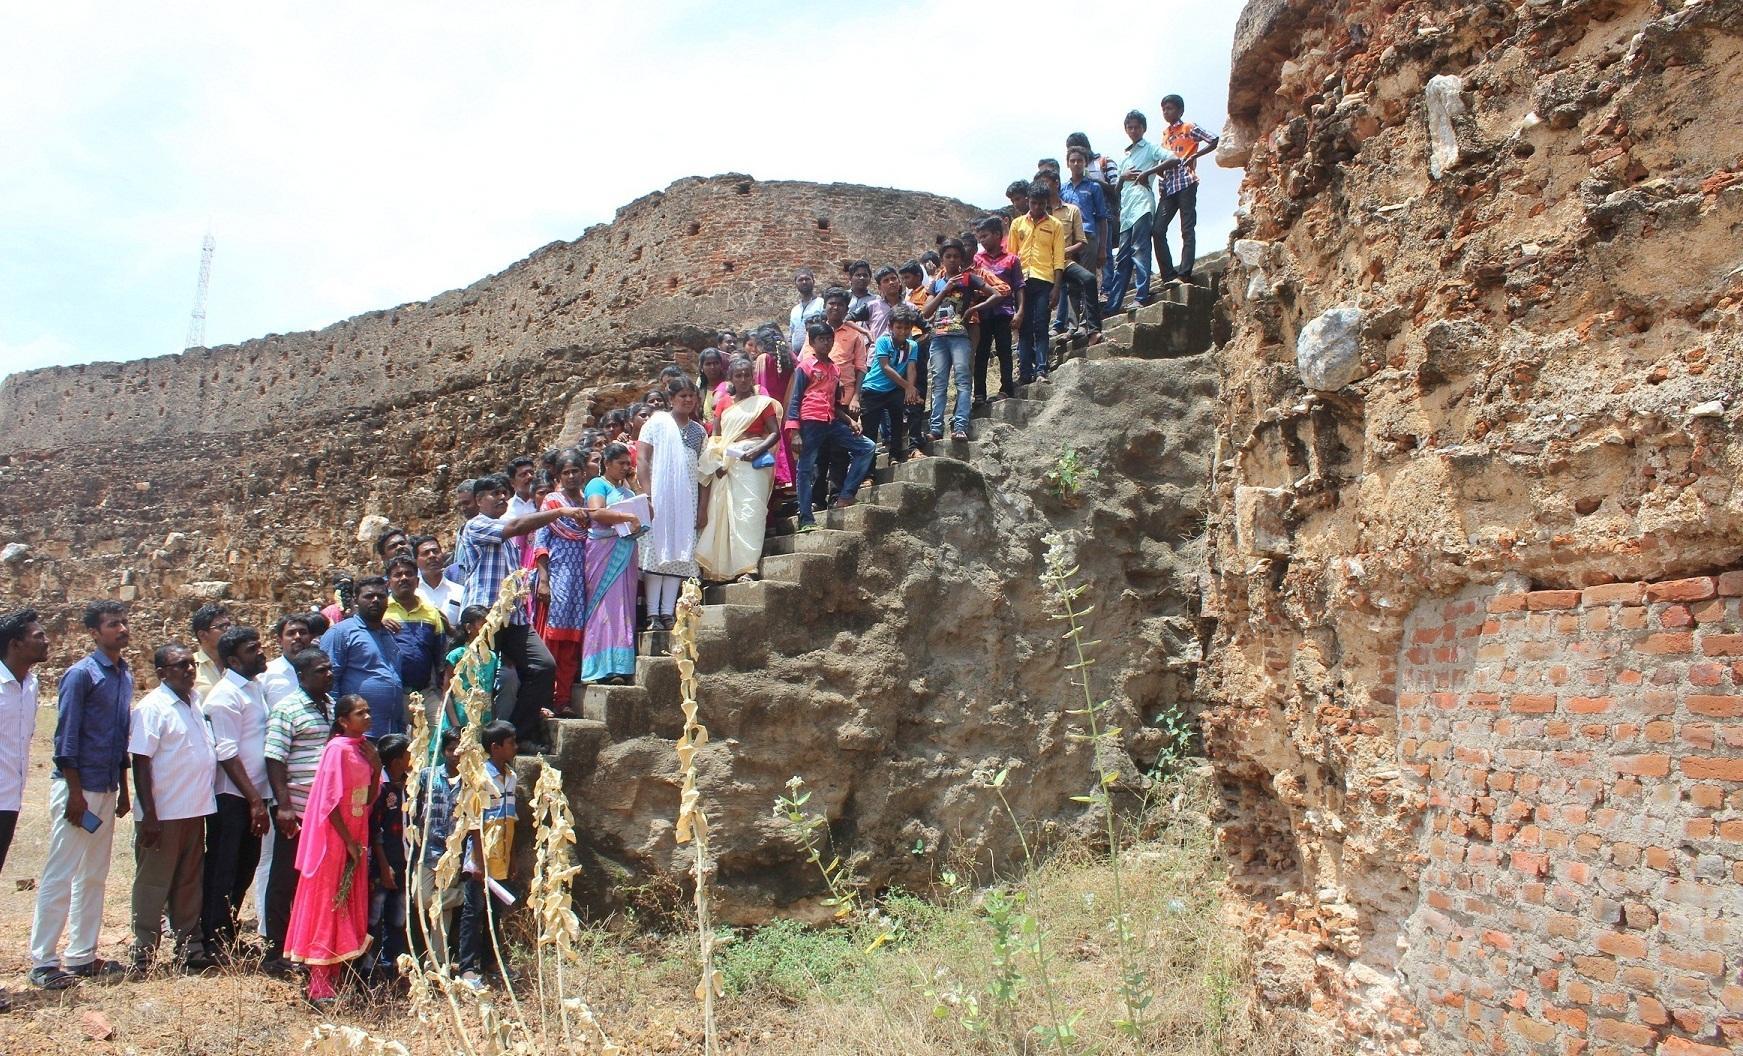 தொல்லியல் ஆய்வு நிறுவனத்தினர் மரபு நடை மேற்கொண்ட கமுதி கோட்டை.